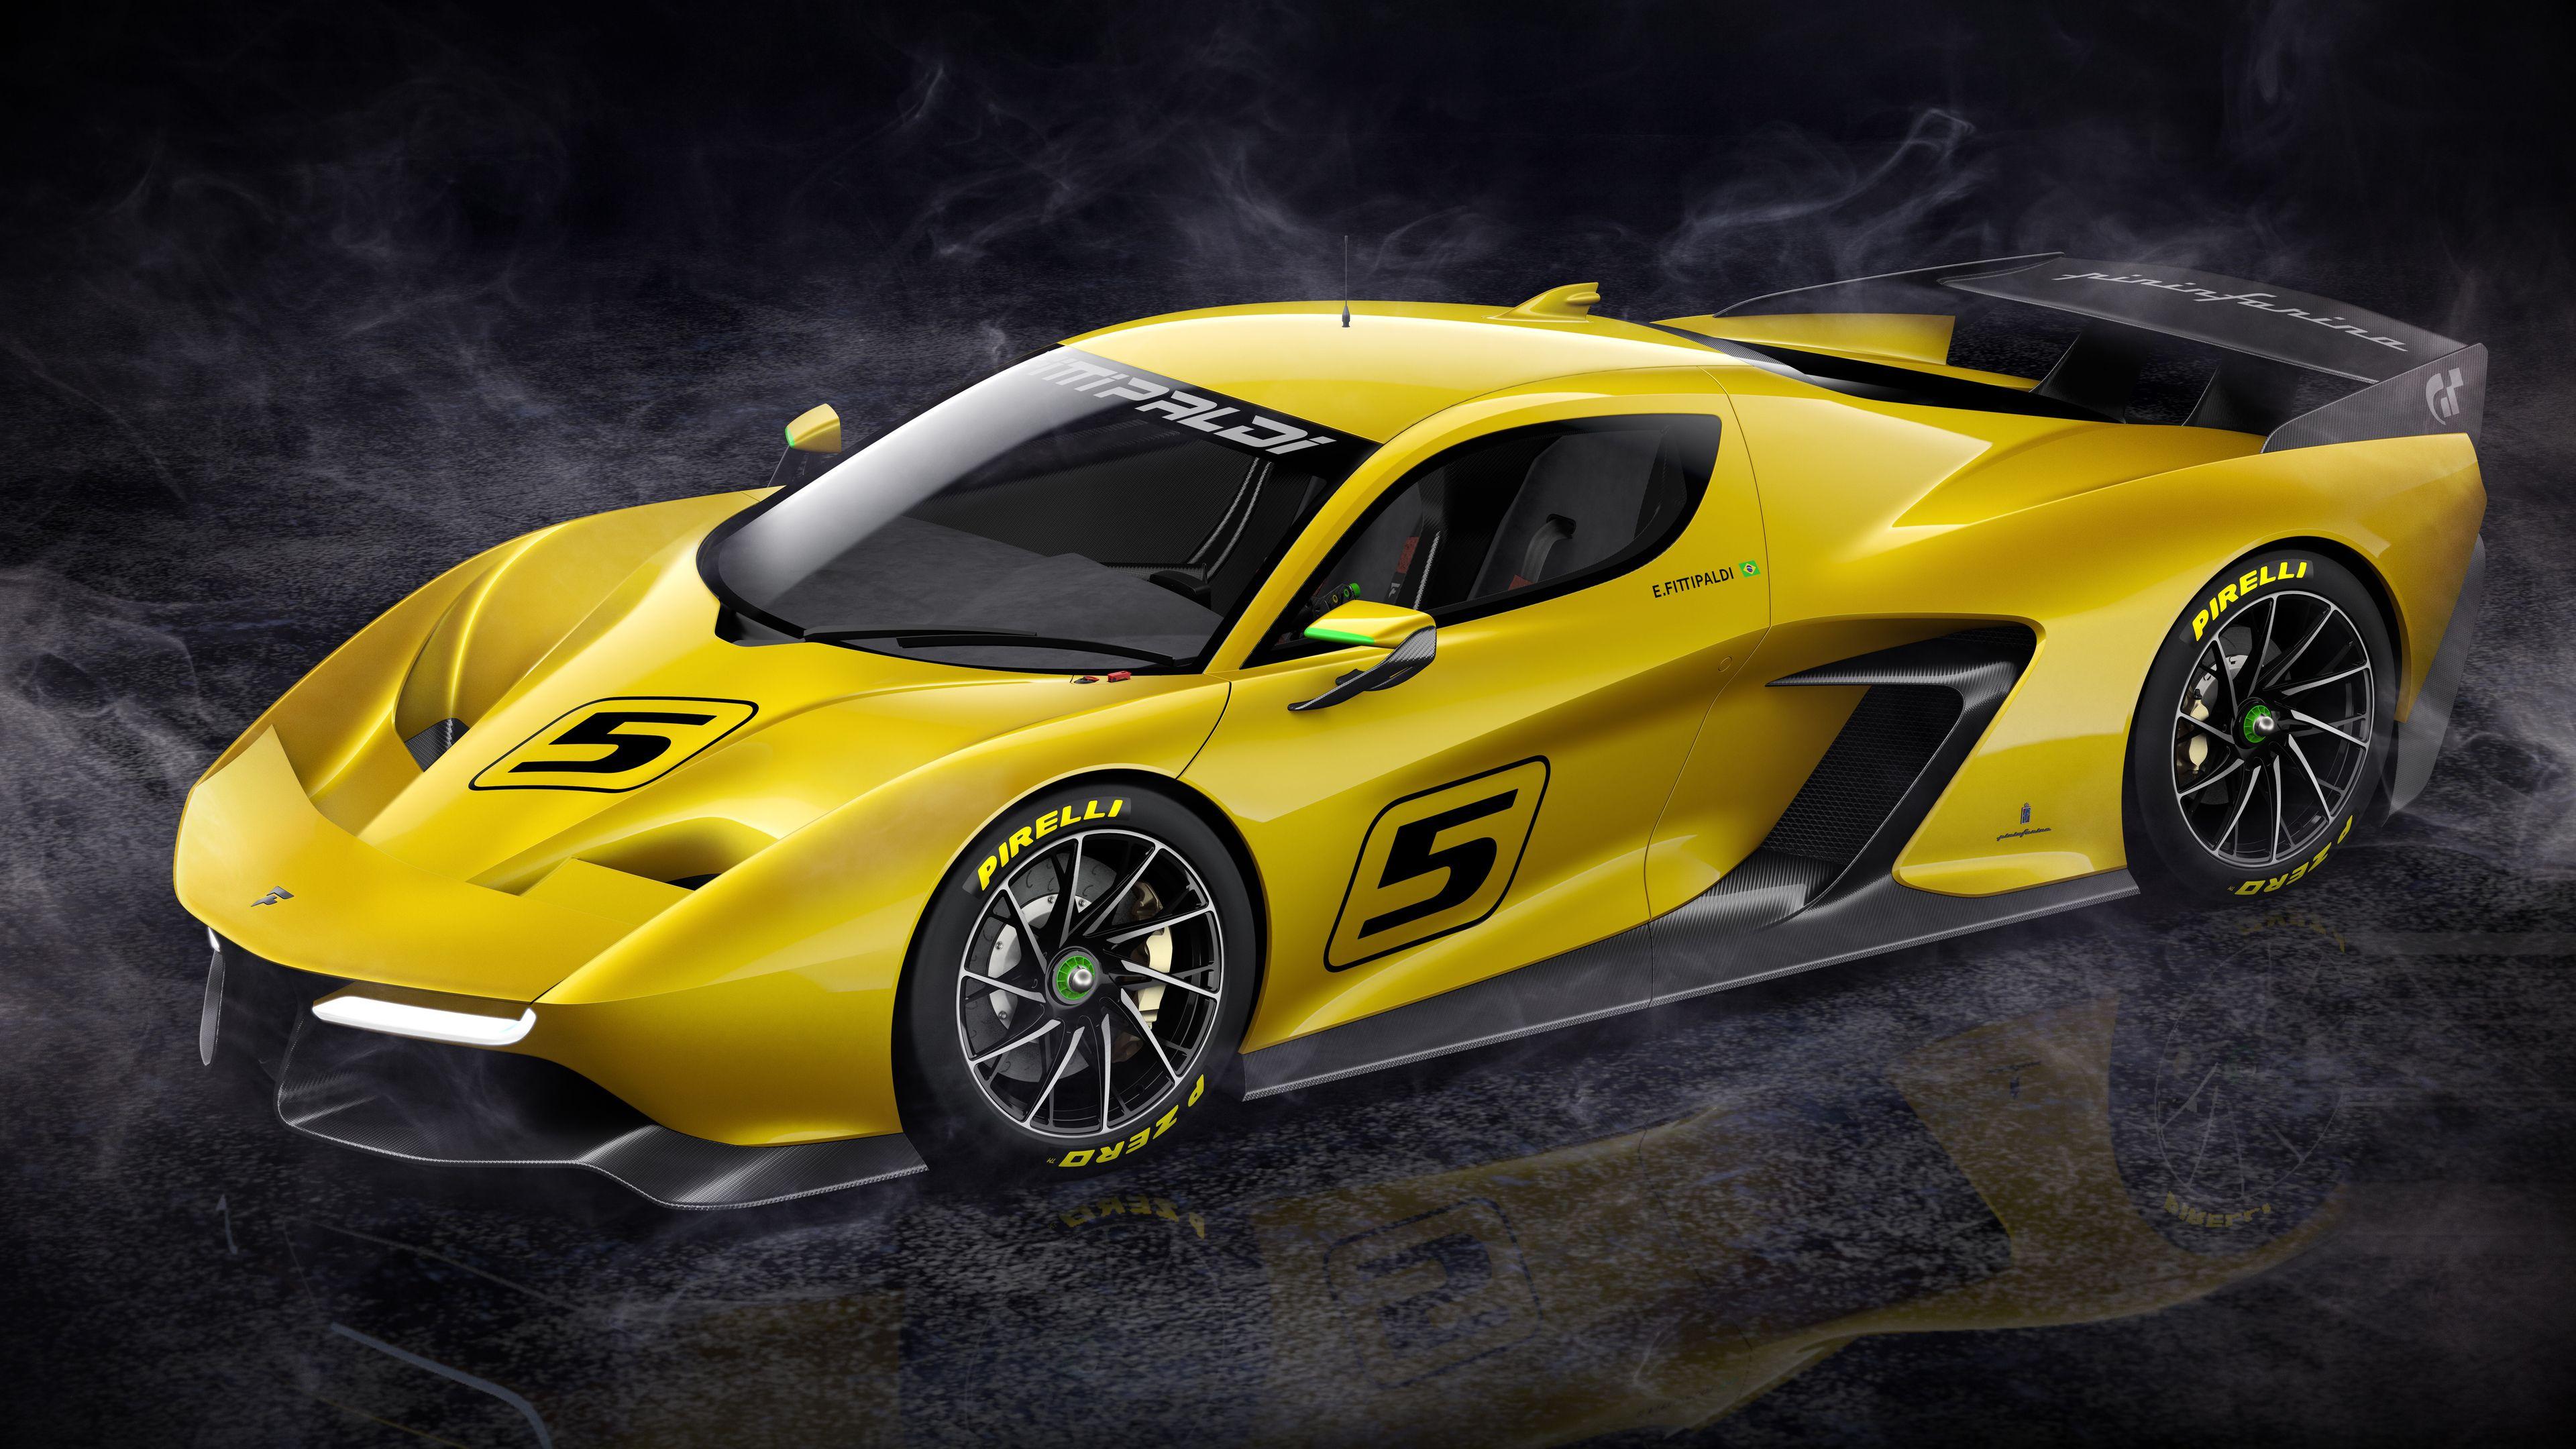 Wallpaper 4k Fittipaldi EF7 Vision Gran Turismo Limited